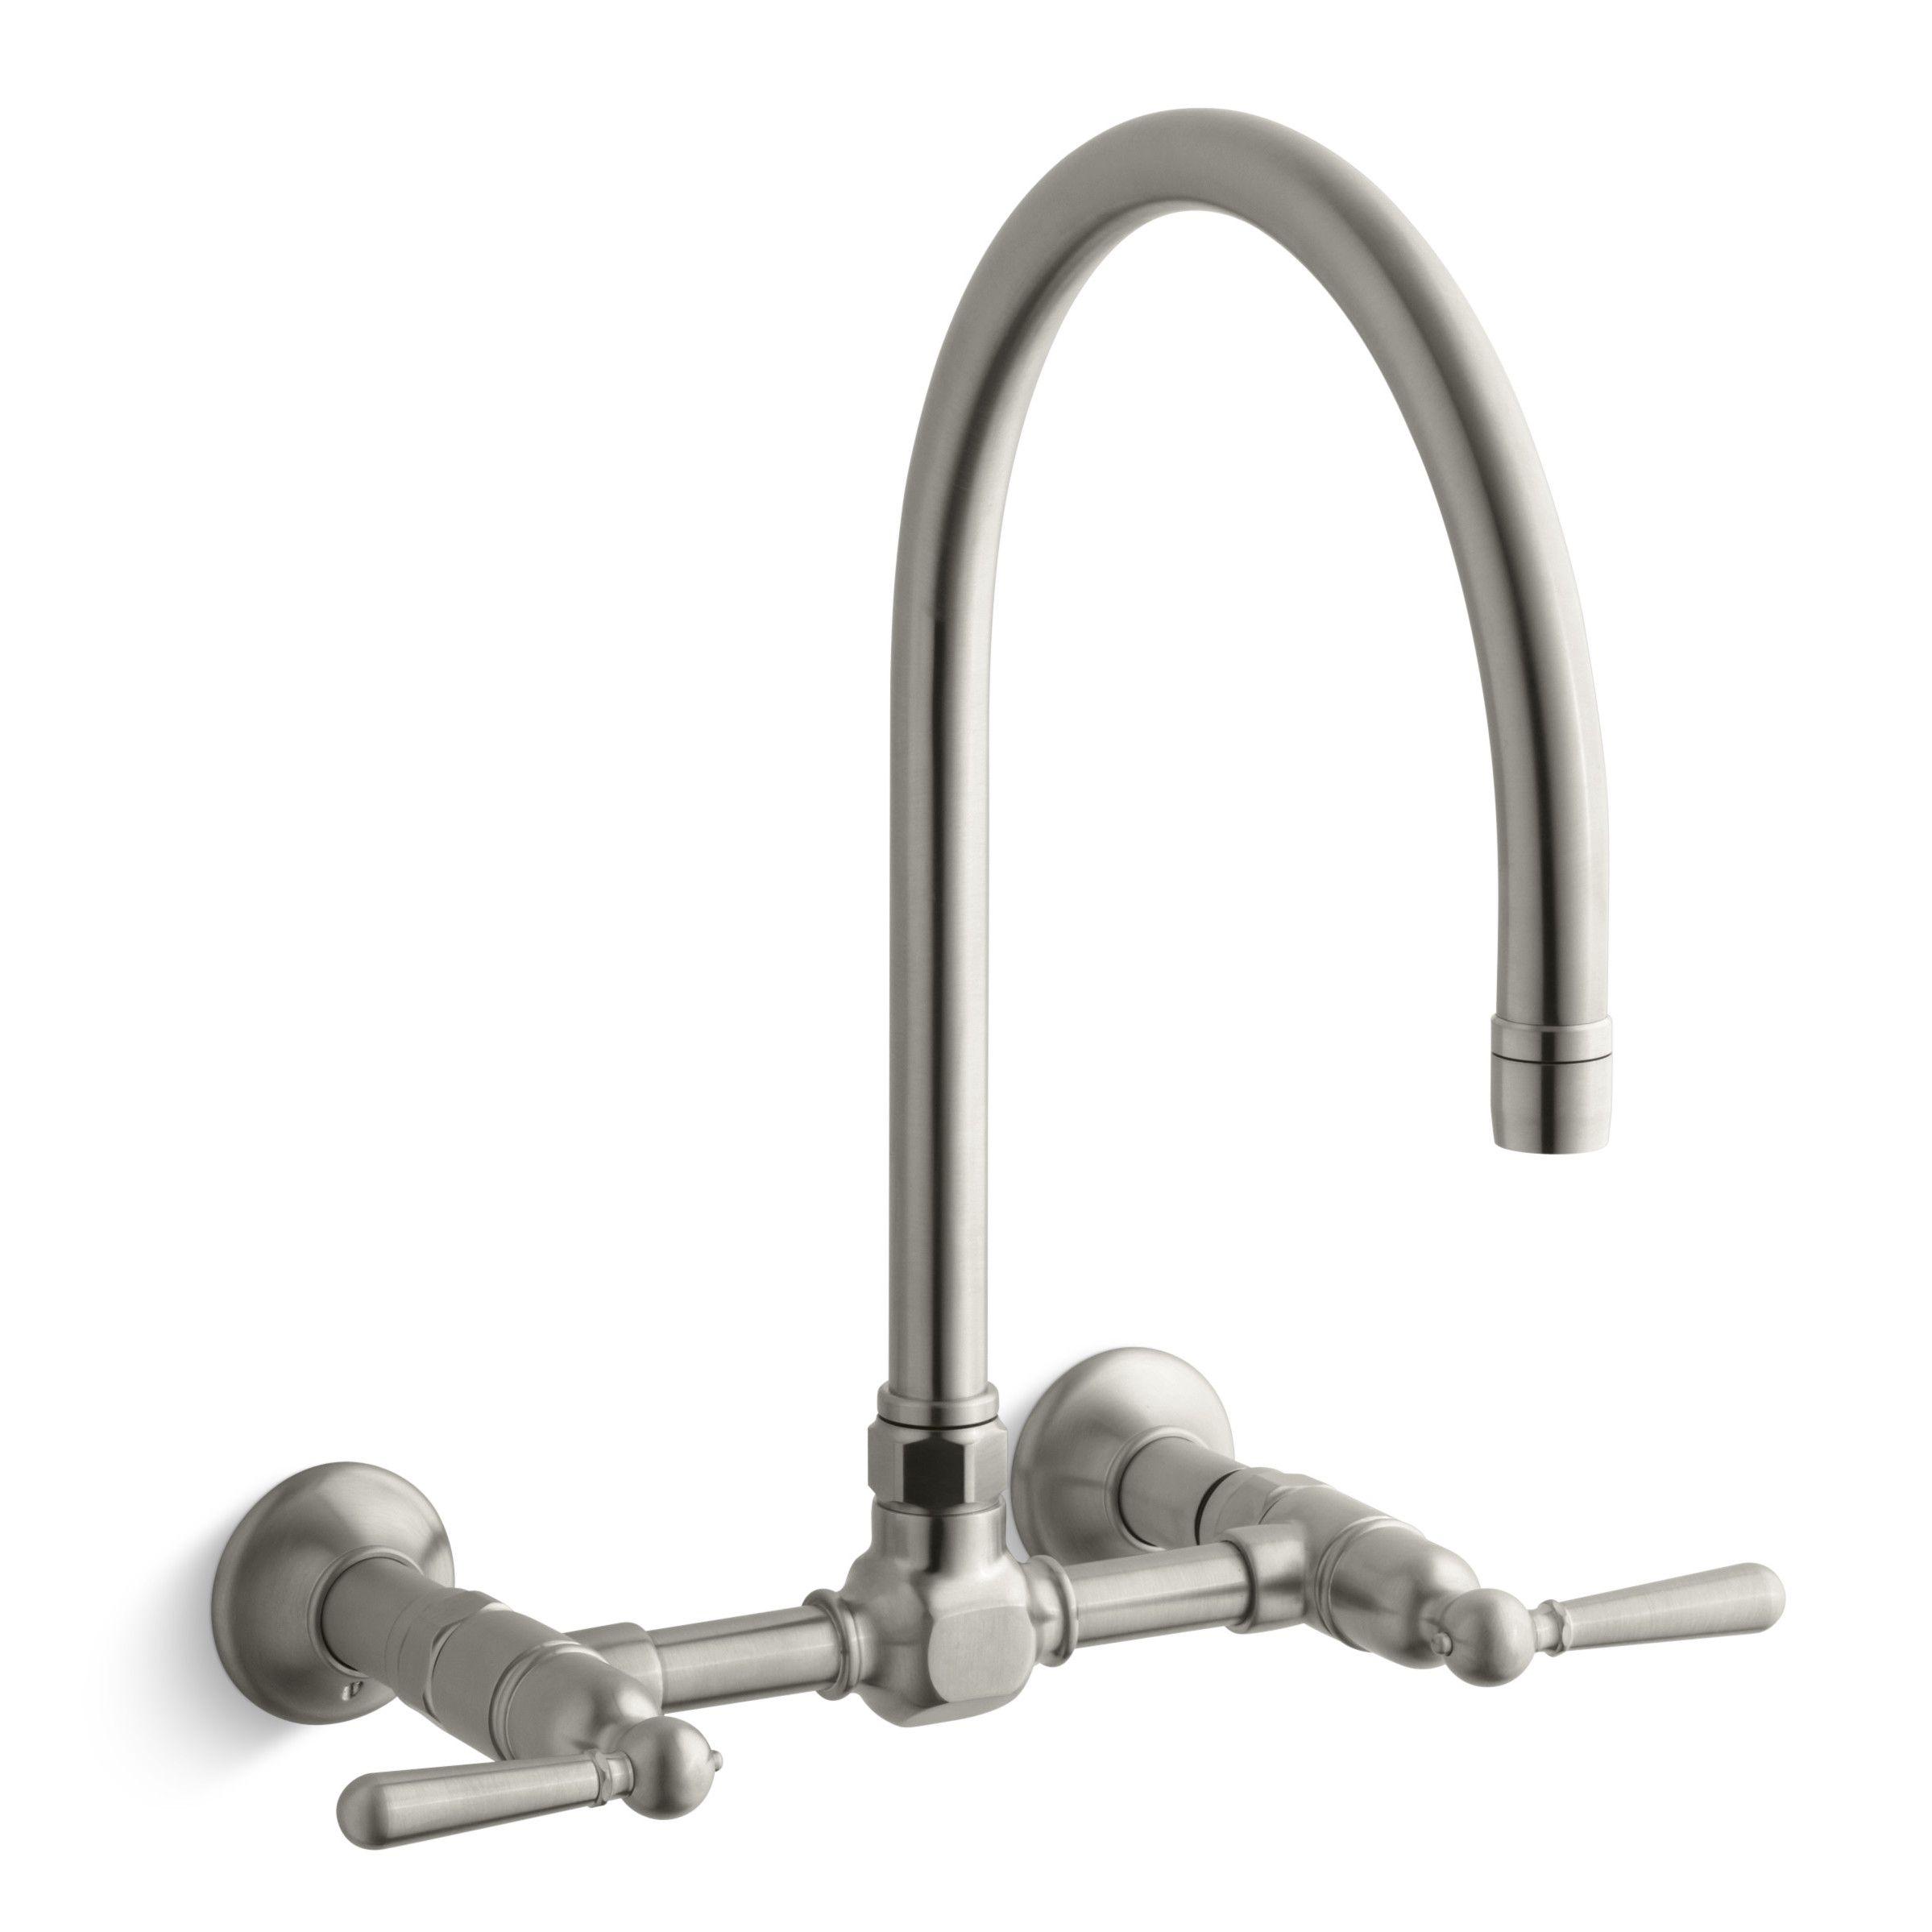 Full Size of Wasserhahn Küche Schwarz Matt Wasserhahn Mit Schlauch Küche Wasserhahn In Küche Wasserhahn Küche Lose Küche Wasserhahn Küche